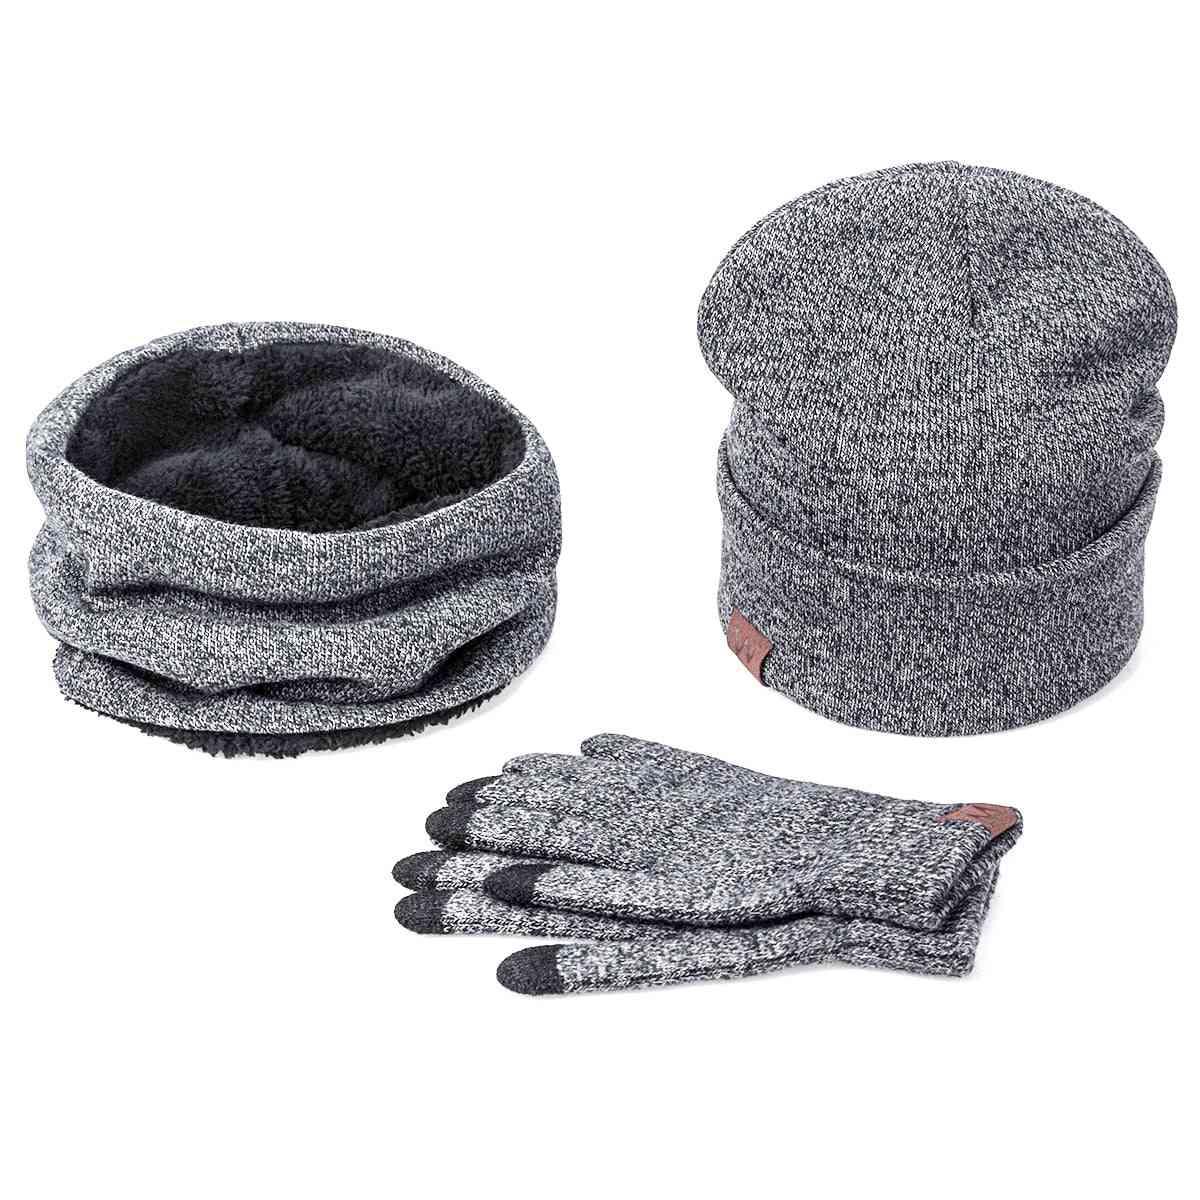 Winter Warm Hat Scarf, Gloves Set For Unisex